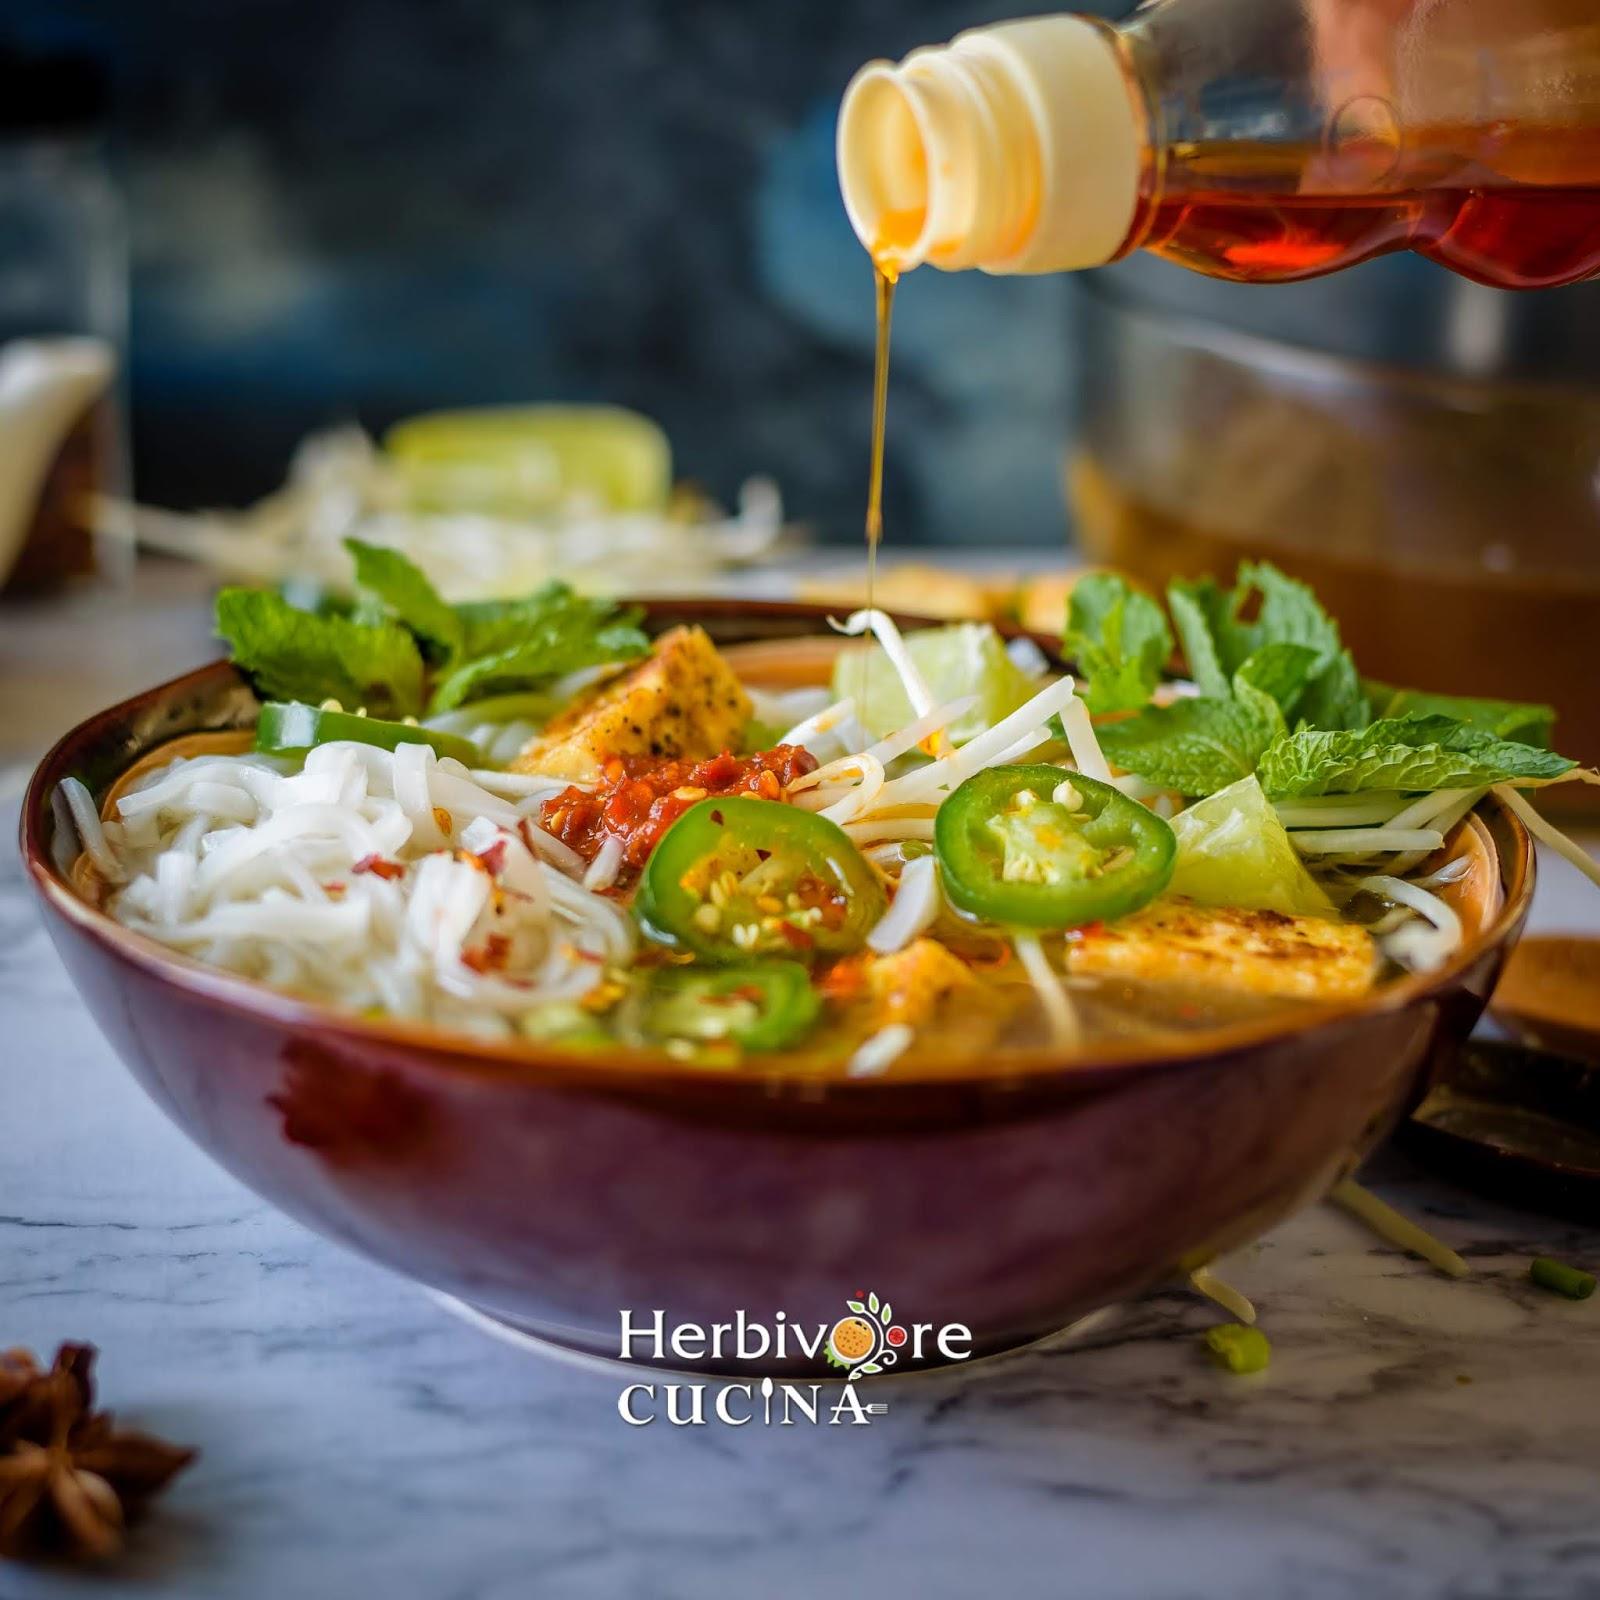 Herbivore Cucina: Instant Pot Vegetarian Pho